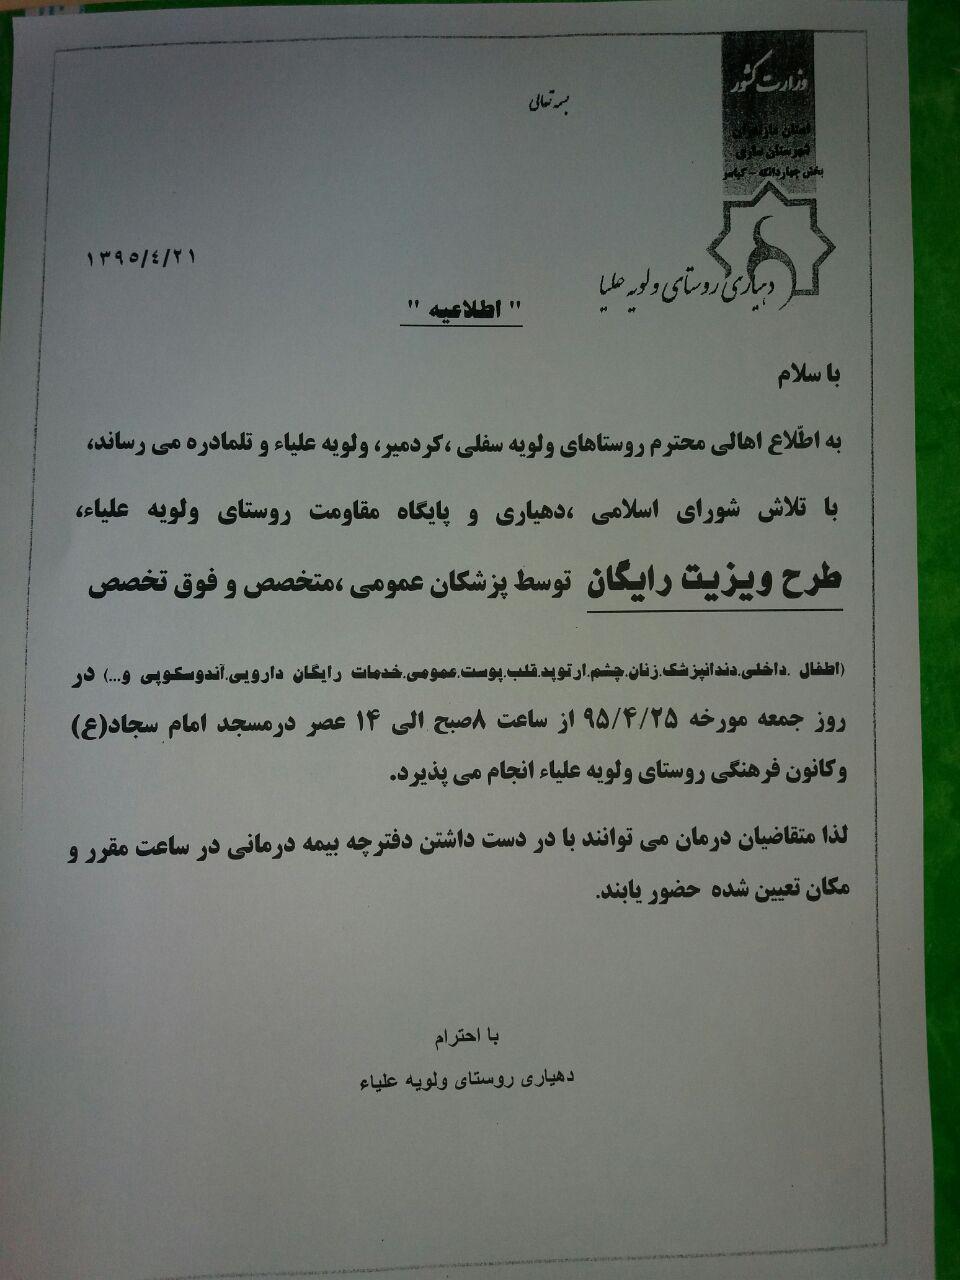 جمعه ۲۵ تیر، ویزیت رایگان بیماران در روستای ولویه بالا